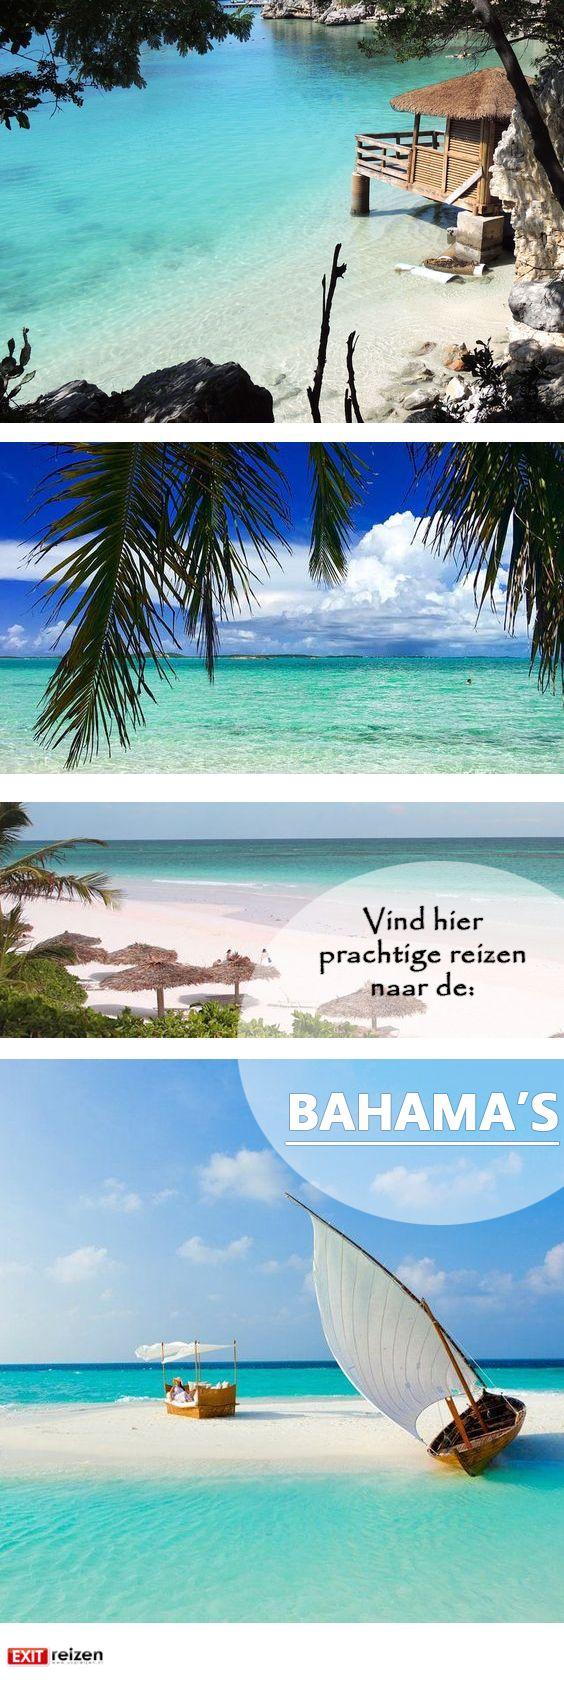 Hier vindt u een selectie van onze reizen naar de Bahamas, Caribbean en Antillen. van heerlijke strandvakanties tot een cruise van Miami naar de Bahama's. #vakantie #zomer #reizen #exit #reis #strandvakantie #bahamas #amerika #usa #travel #traveling #wanderlust #rondreizen #flydrive #cruise